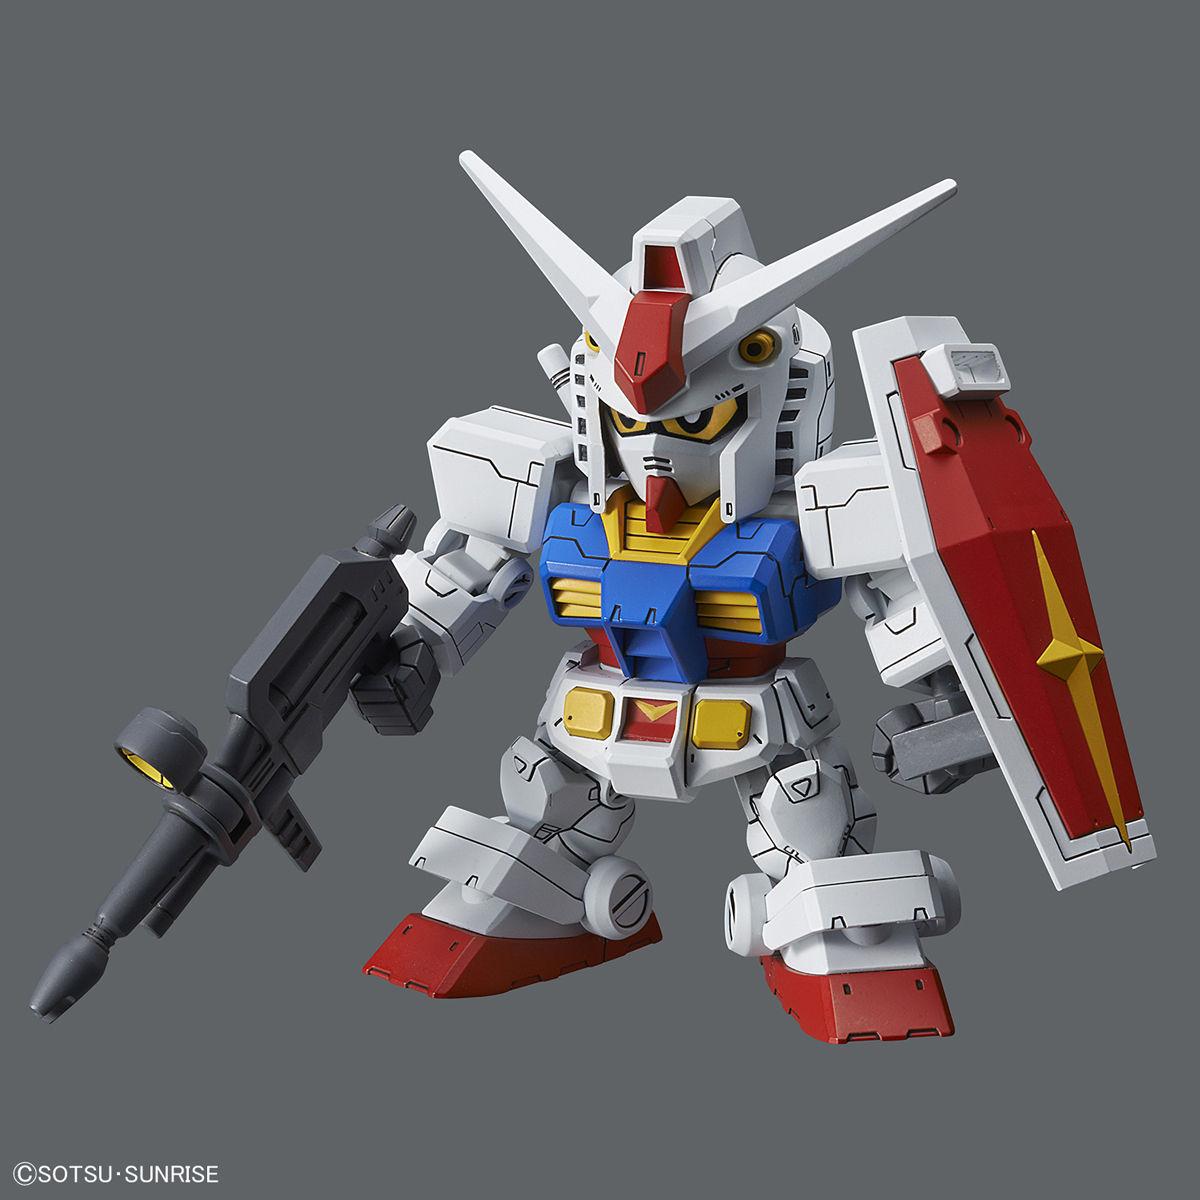 SDガンダム クロスシルエット(SDCS) 001 RX-78-2 ガンダム [SD Gundam Cross Silhouette RX-78-2 Gundam]